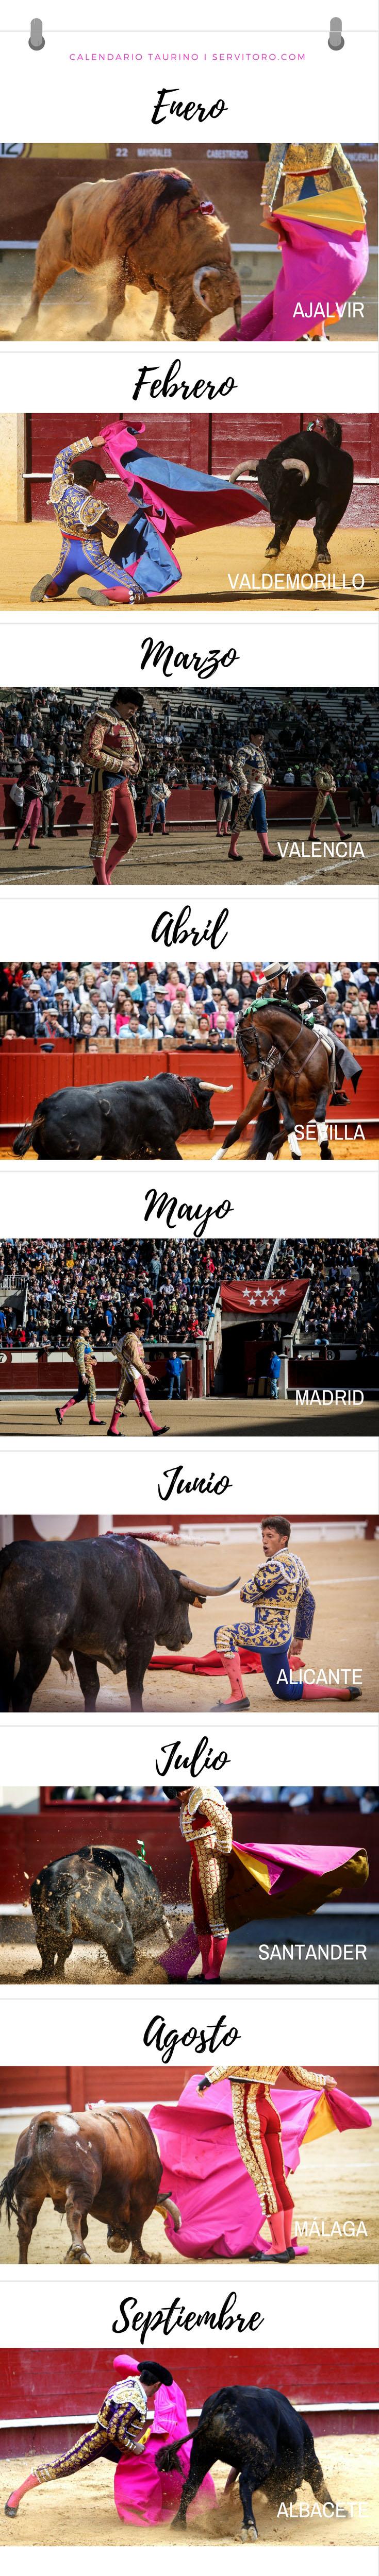 Calendario Taurino. Toda la programación taurina de Madrid